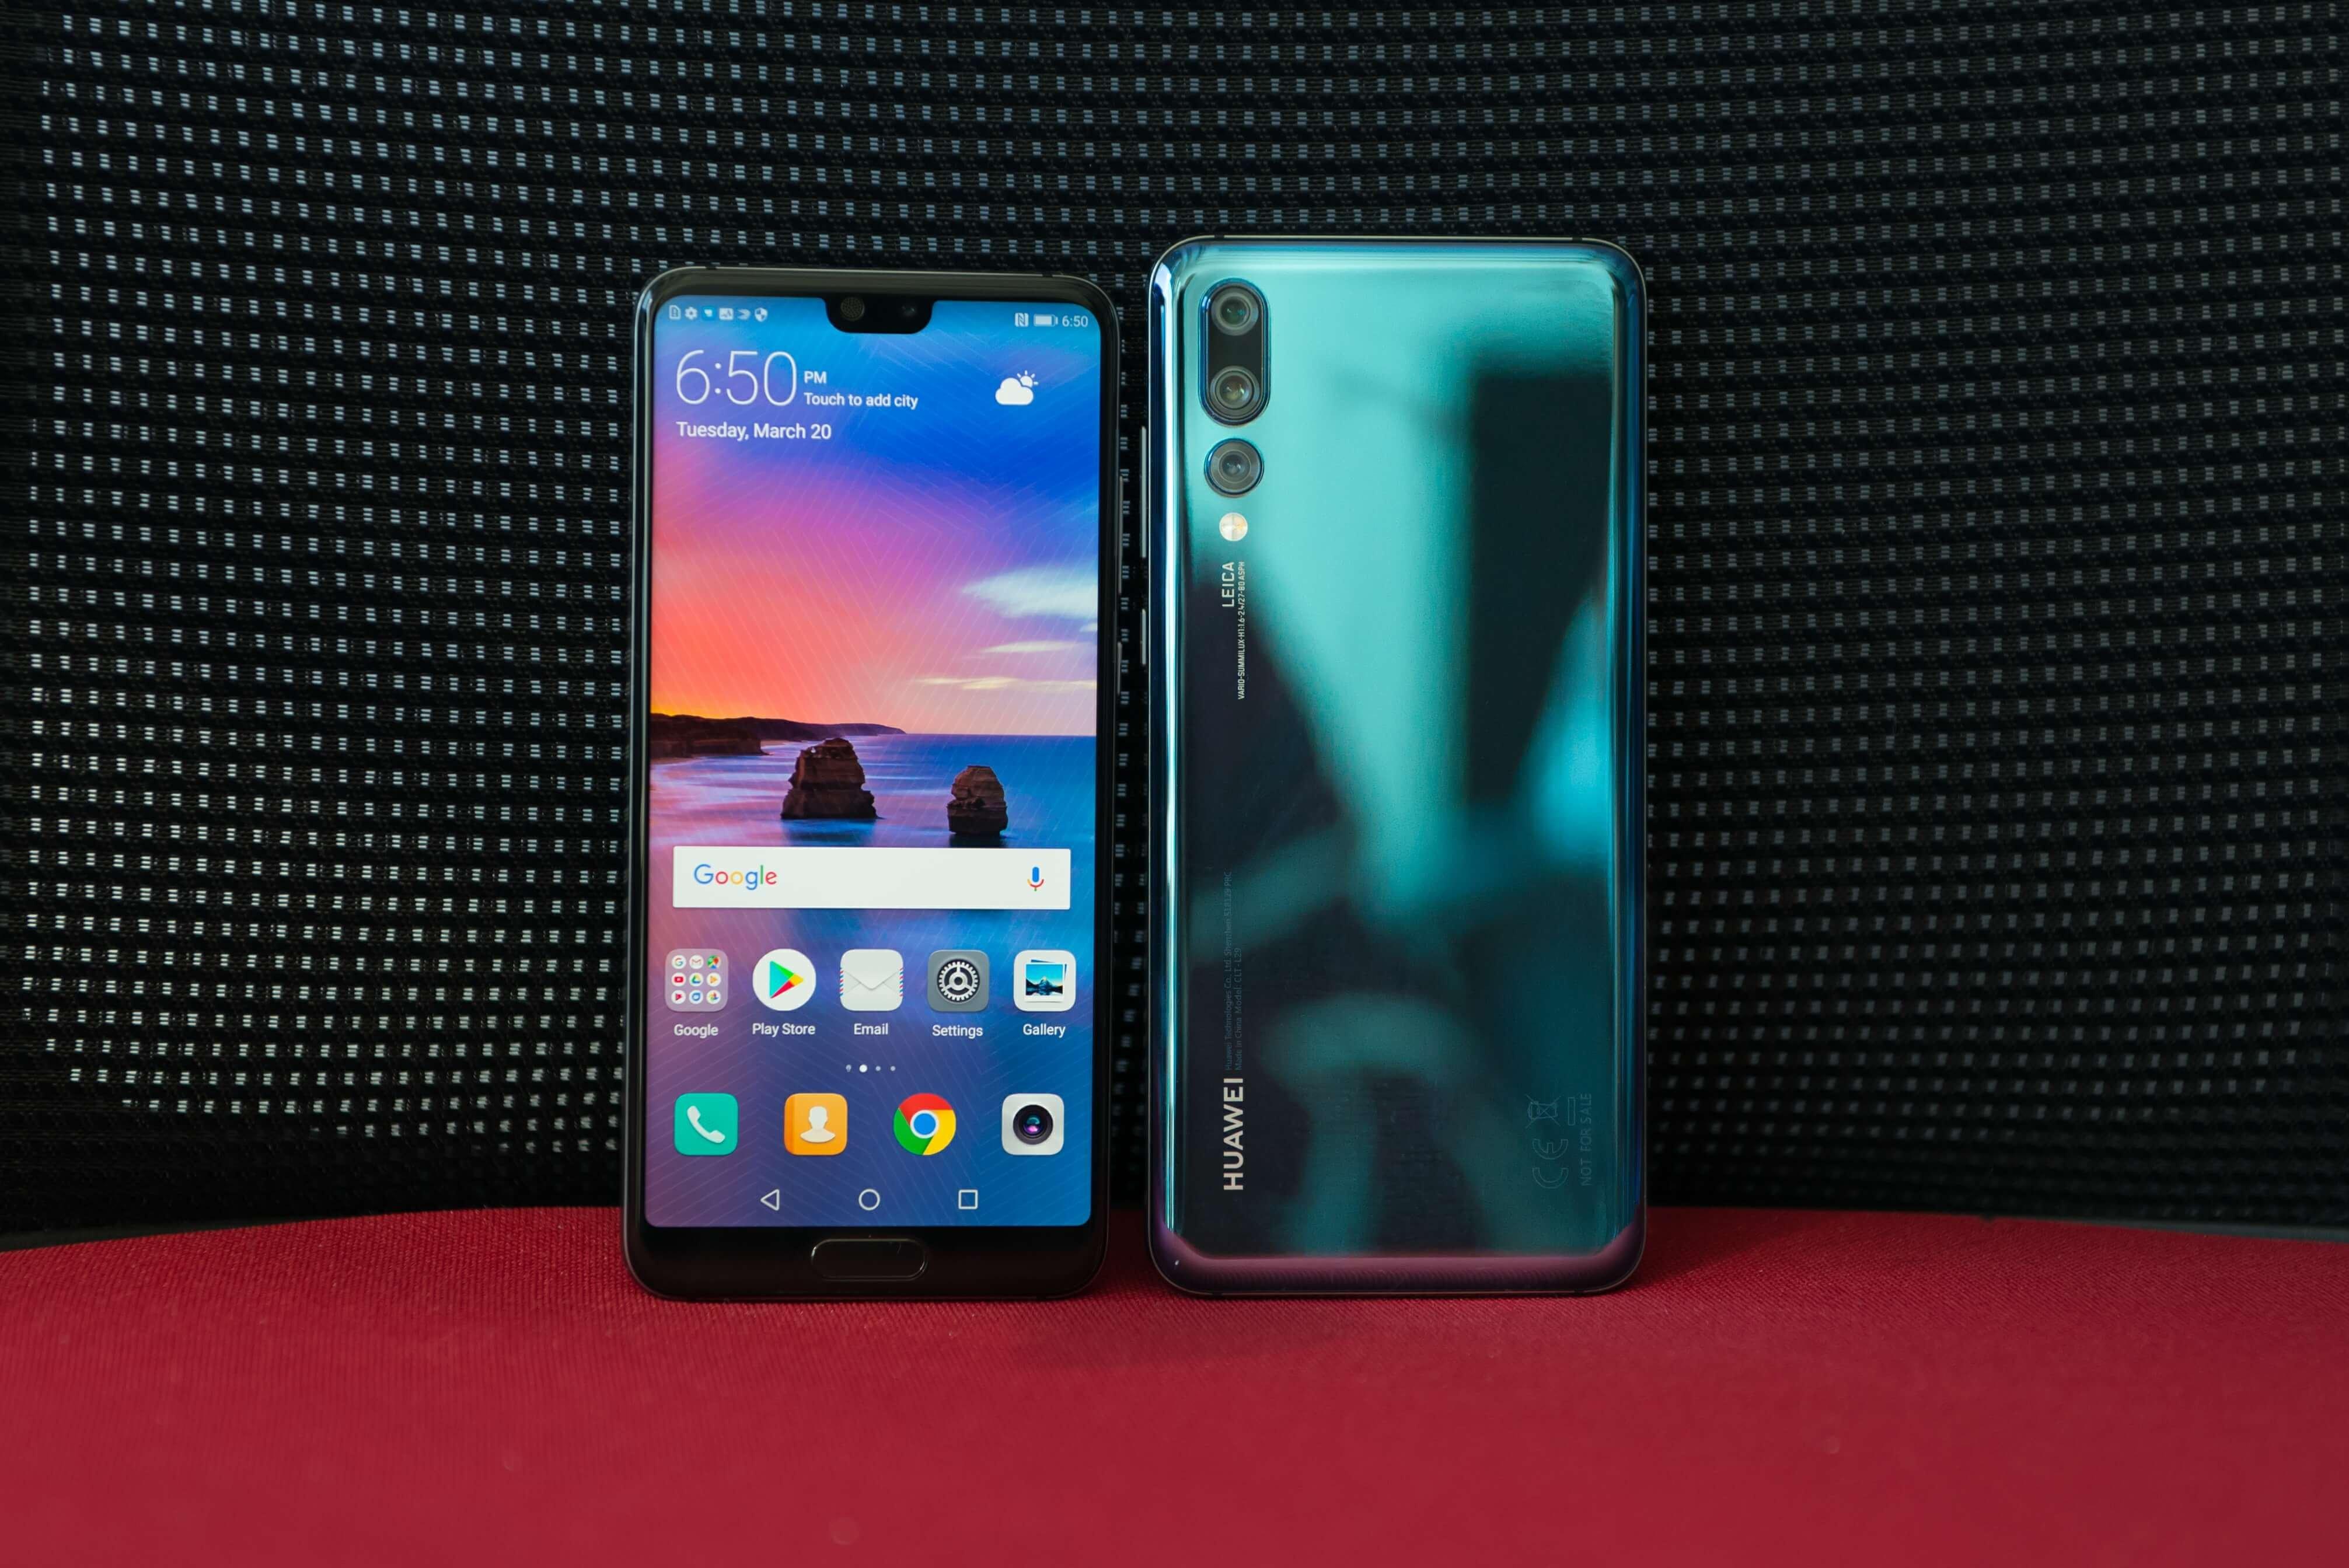 В Российской Федерации начали торговать Huawei P20 Pro вновом сумеречном цвете